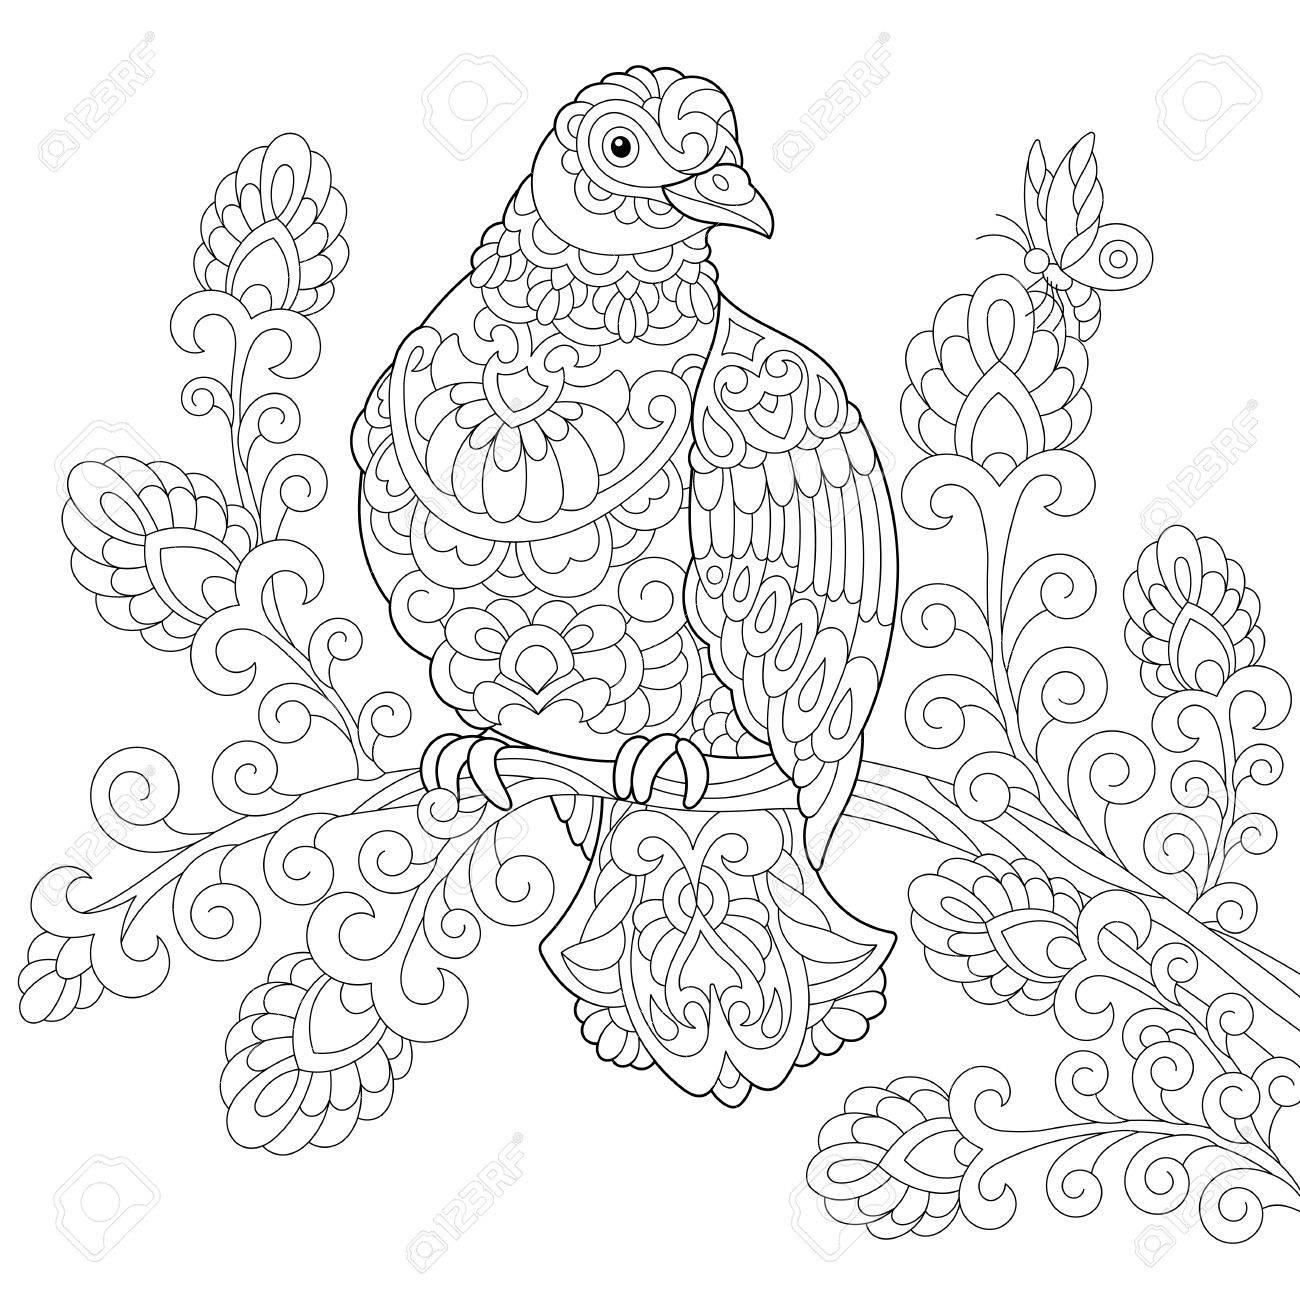 Coloriage Le Chien Et Le Pigeon.Coloriage De L Oiseau De Colombe Pigeon Dessin D Equisse A Main